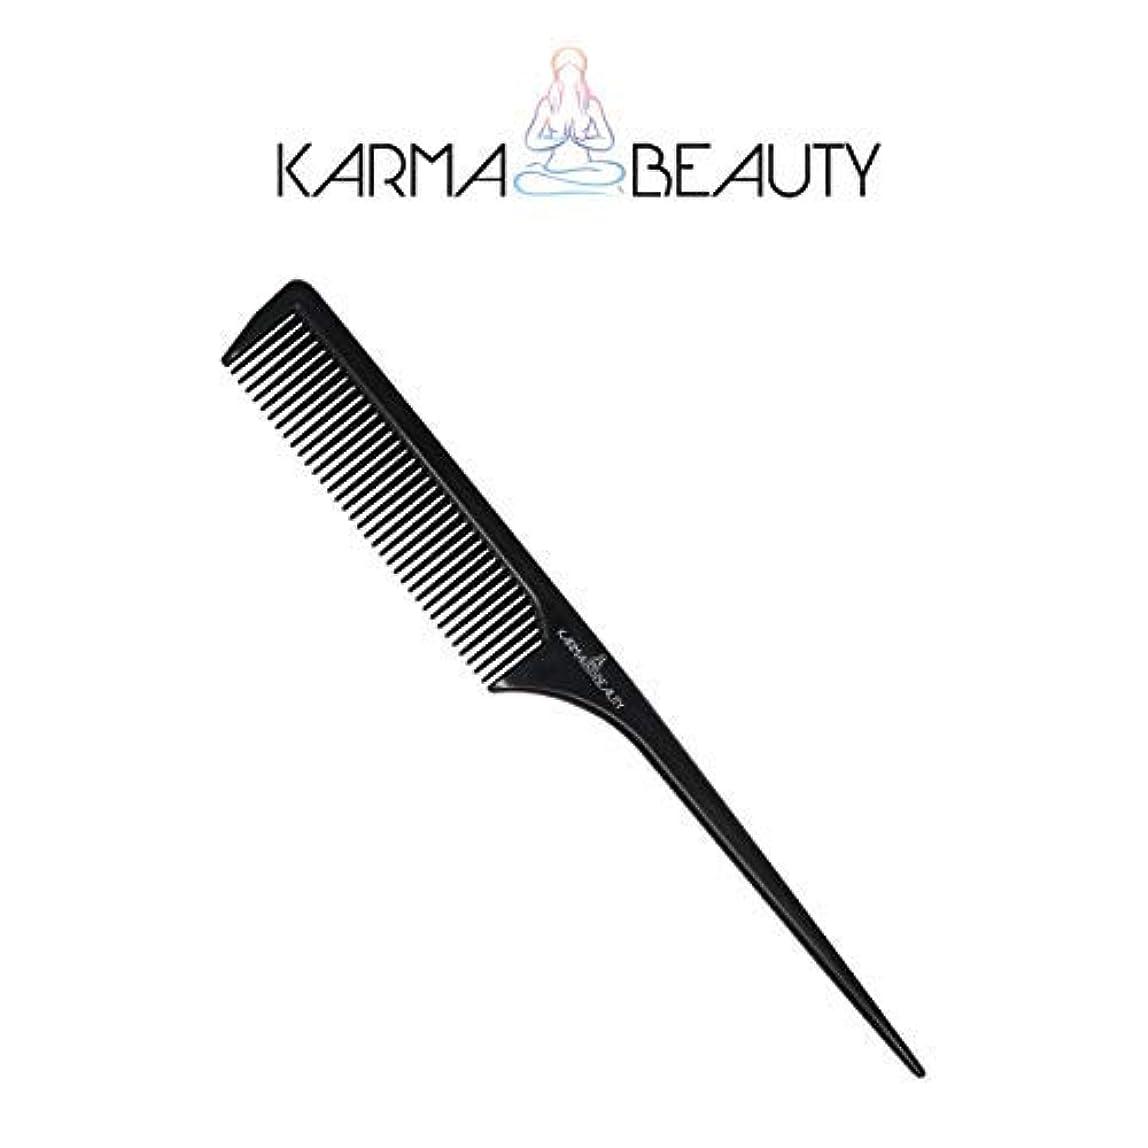 早熟うまライオネルグリーンストリートTail Comb | Fine Tooth Hair Comb | Thin and Long Handle | Teasing Comb | For All Hair Type | Karma Beauty | (Black...